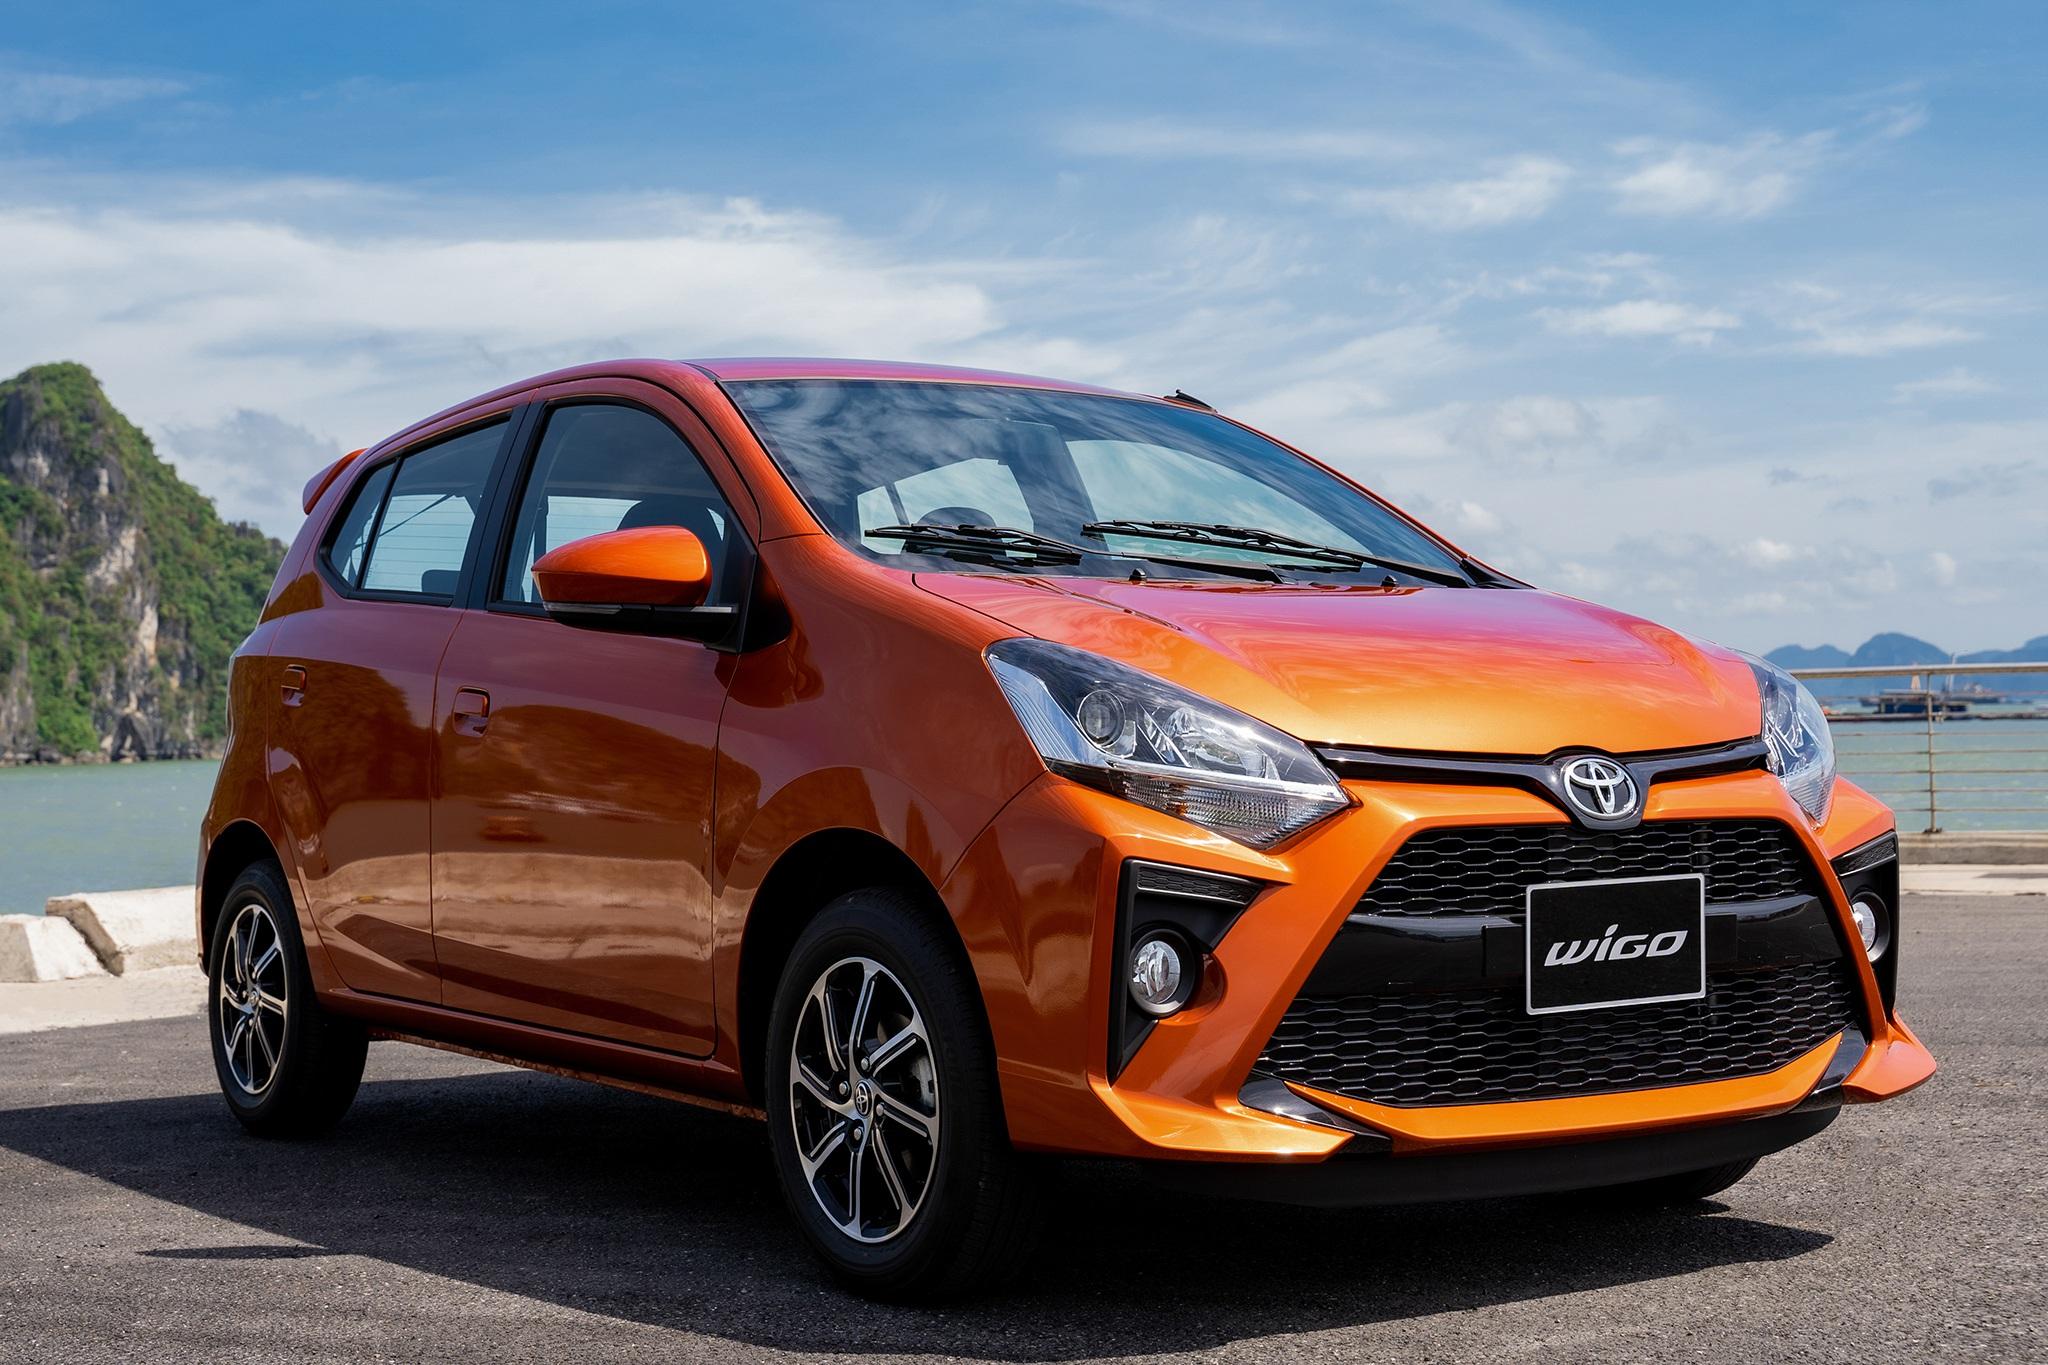 Toyota Wigo 2020 thêm trang bị, giảm giá để cạnh tranh Fadil, Grand i10